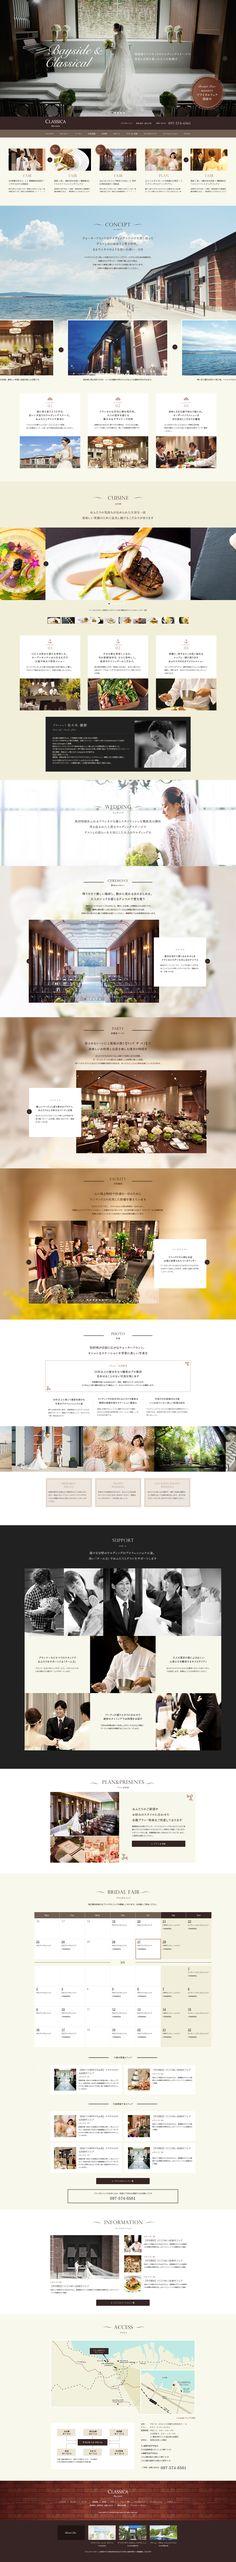 ベイサイドに立つ赤レンガ造りのウエディングステージ。洗練されたデザイナーズ空間で美食と親しい人たちとの会話を中心とした結婚式が叶う。ブライダル会場紹介やお料理のこだわり、イベント、お得な特典やプランをご案内。結婚式場「クラシカ ベイ クオーレ(CLASSICA Bay CUORE)」の公式サイト。